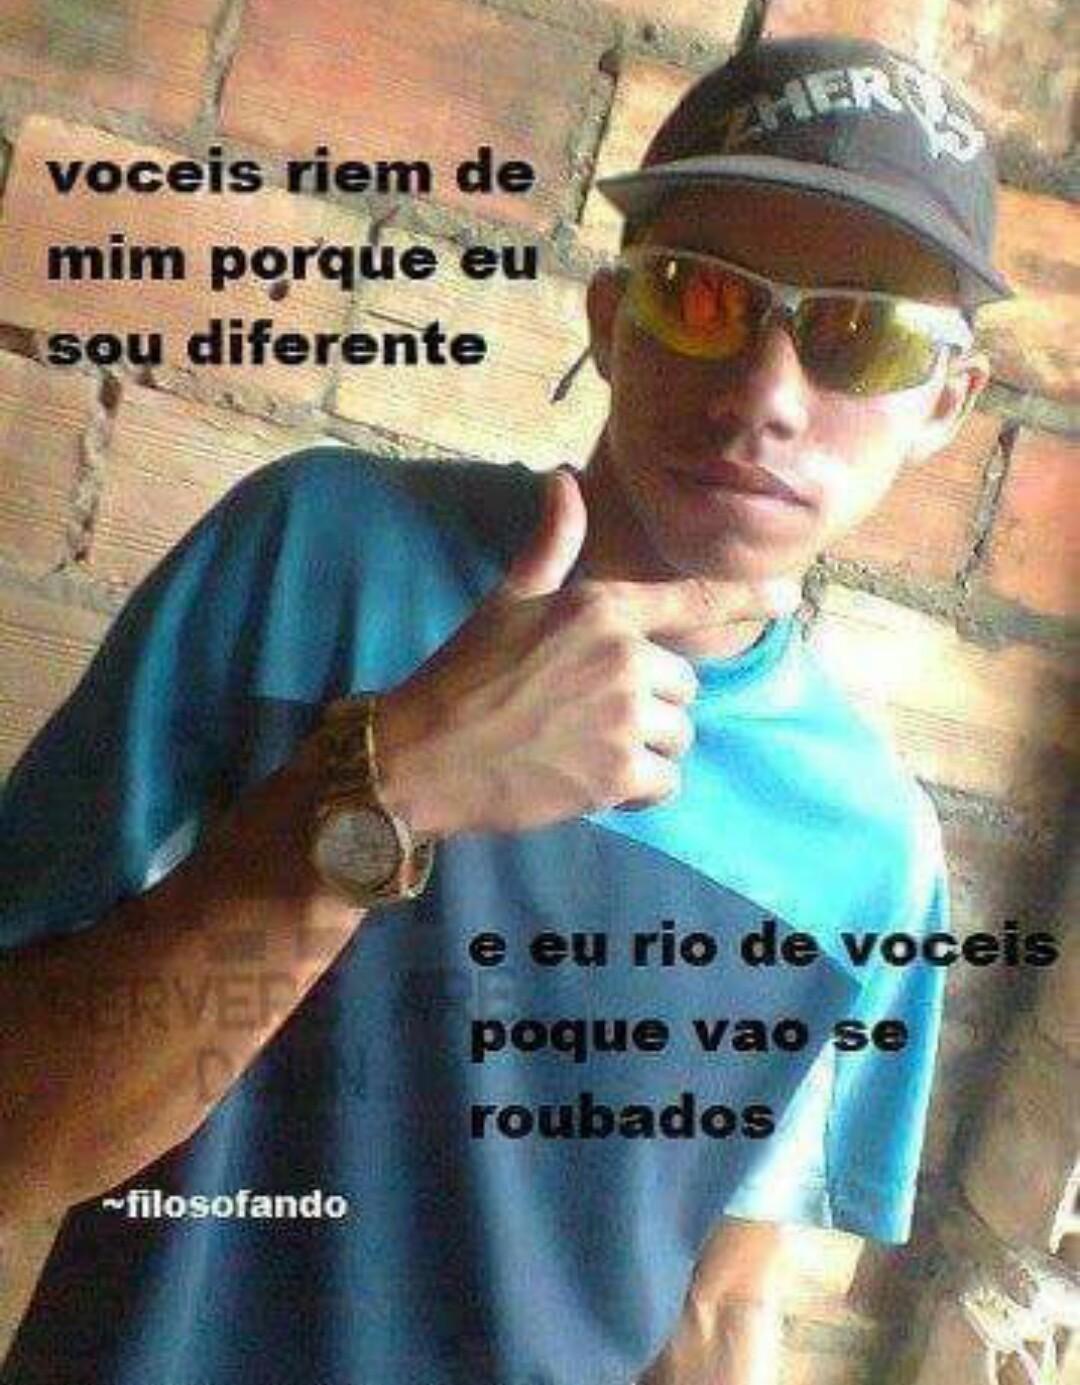 Brasileiros sendo brasileiros - meme